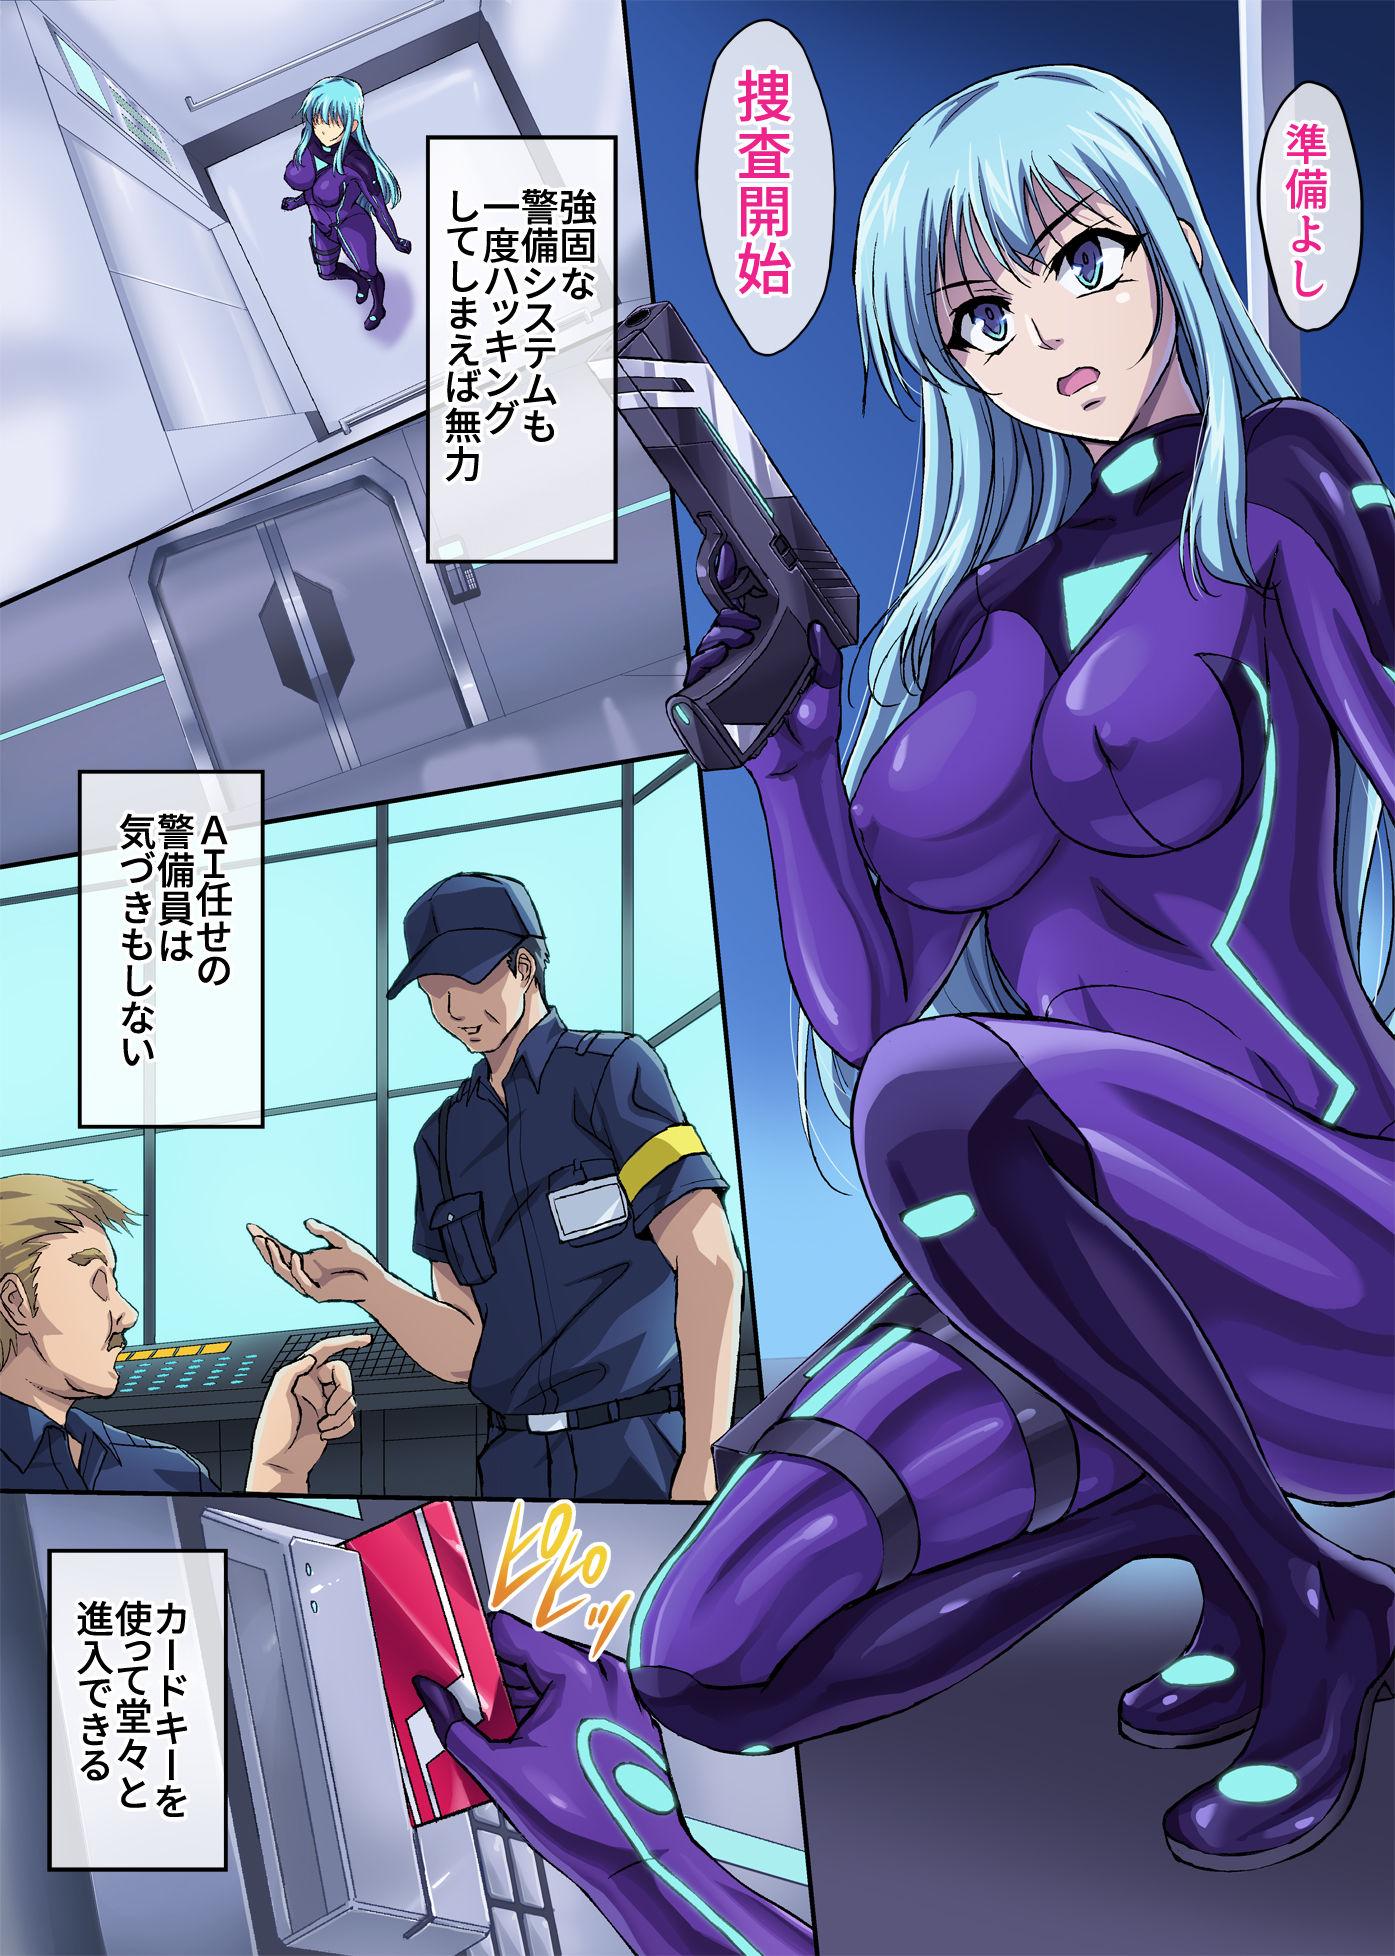 潜入捜査官 勇水 ルイのサンプル画像4